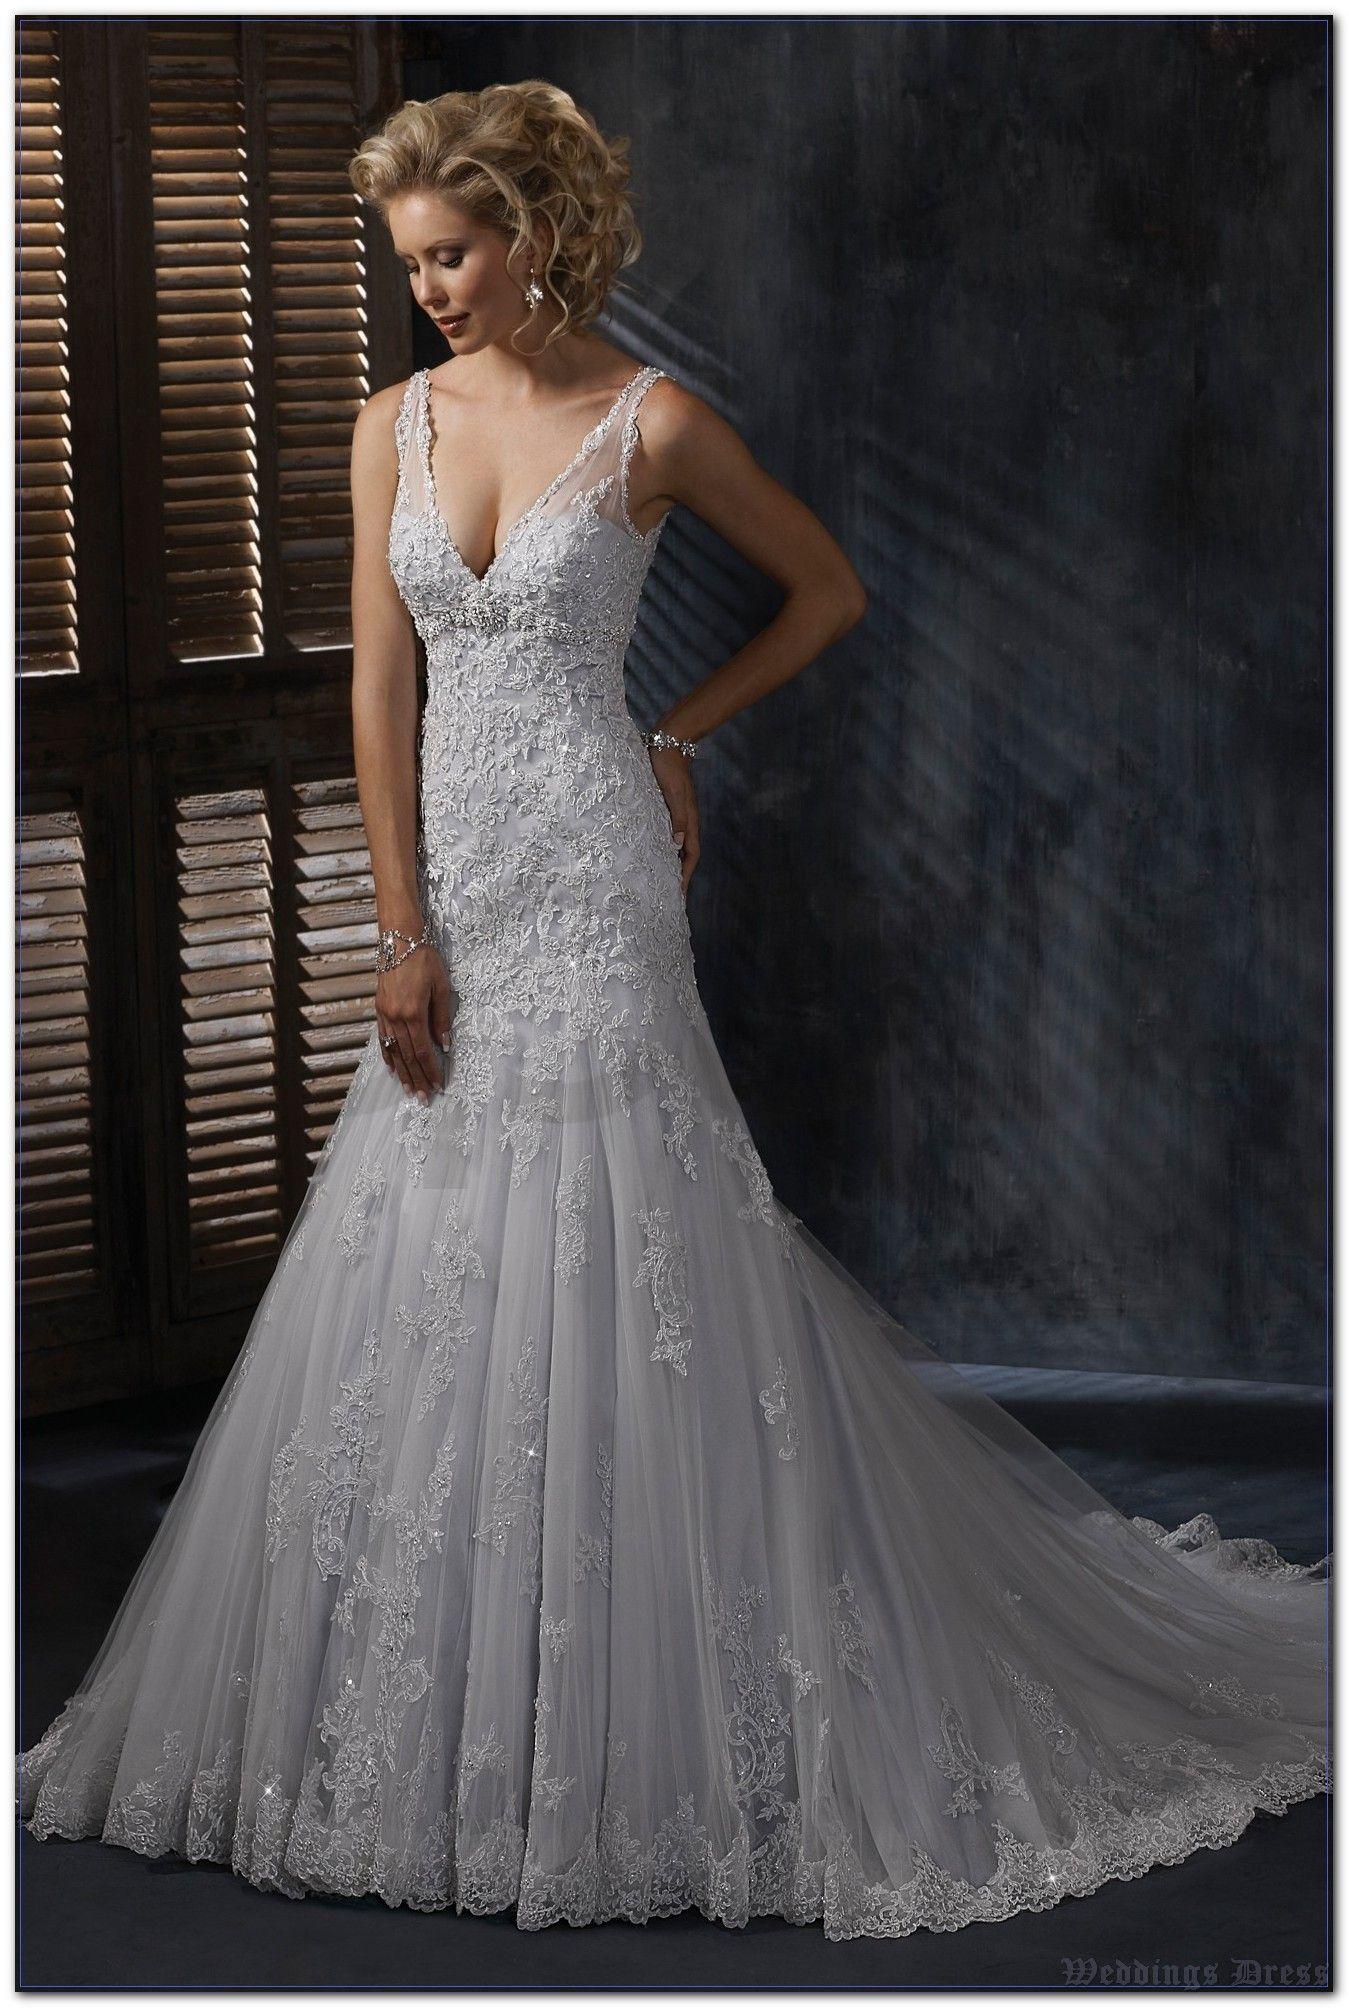 Weddings Dress Expert Interview